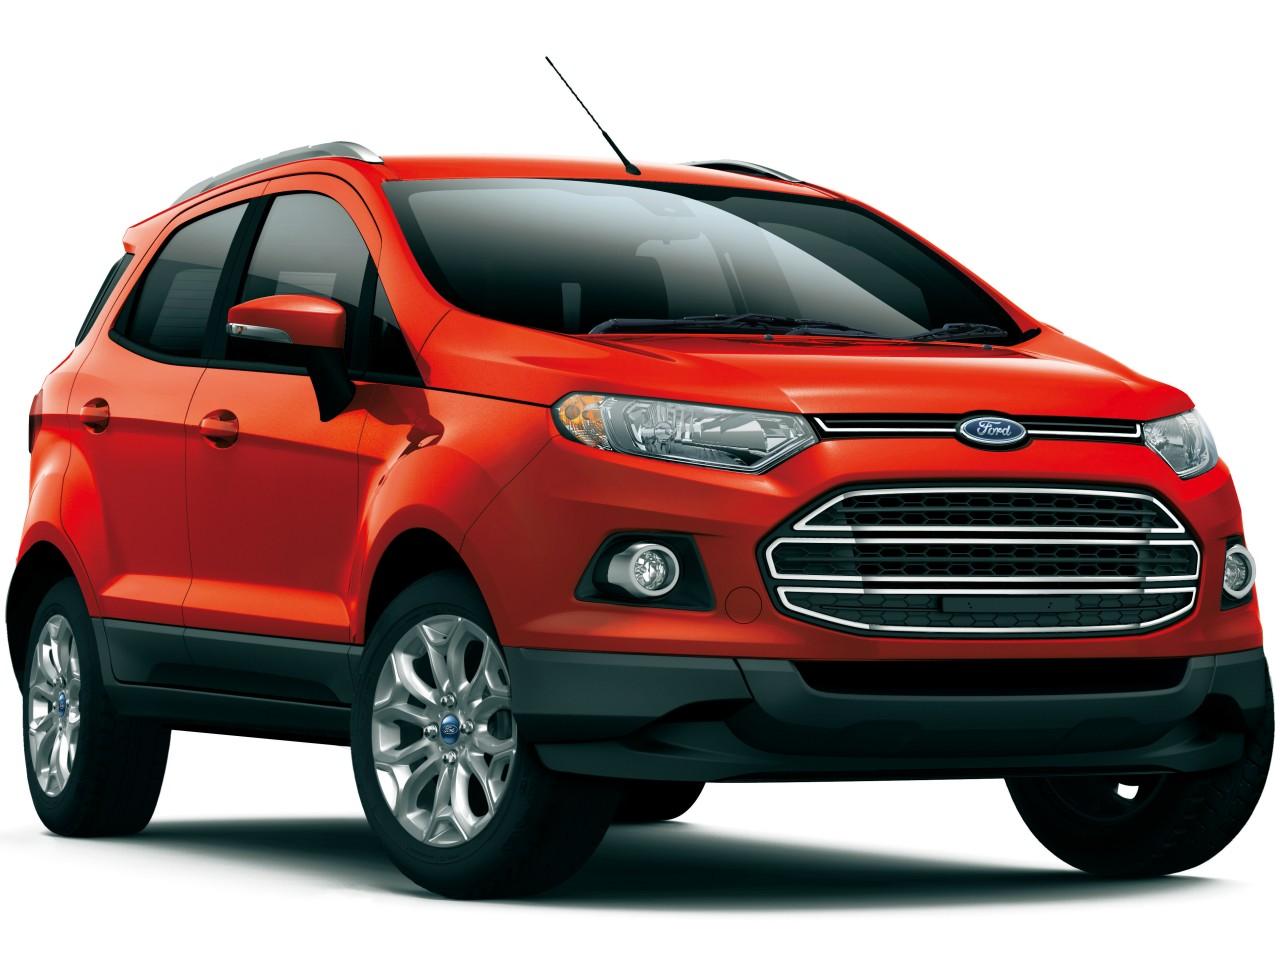 フォード エコスポーツ 2014年モデル 新車画像